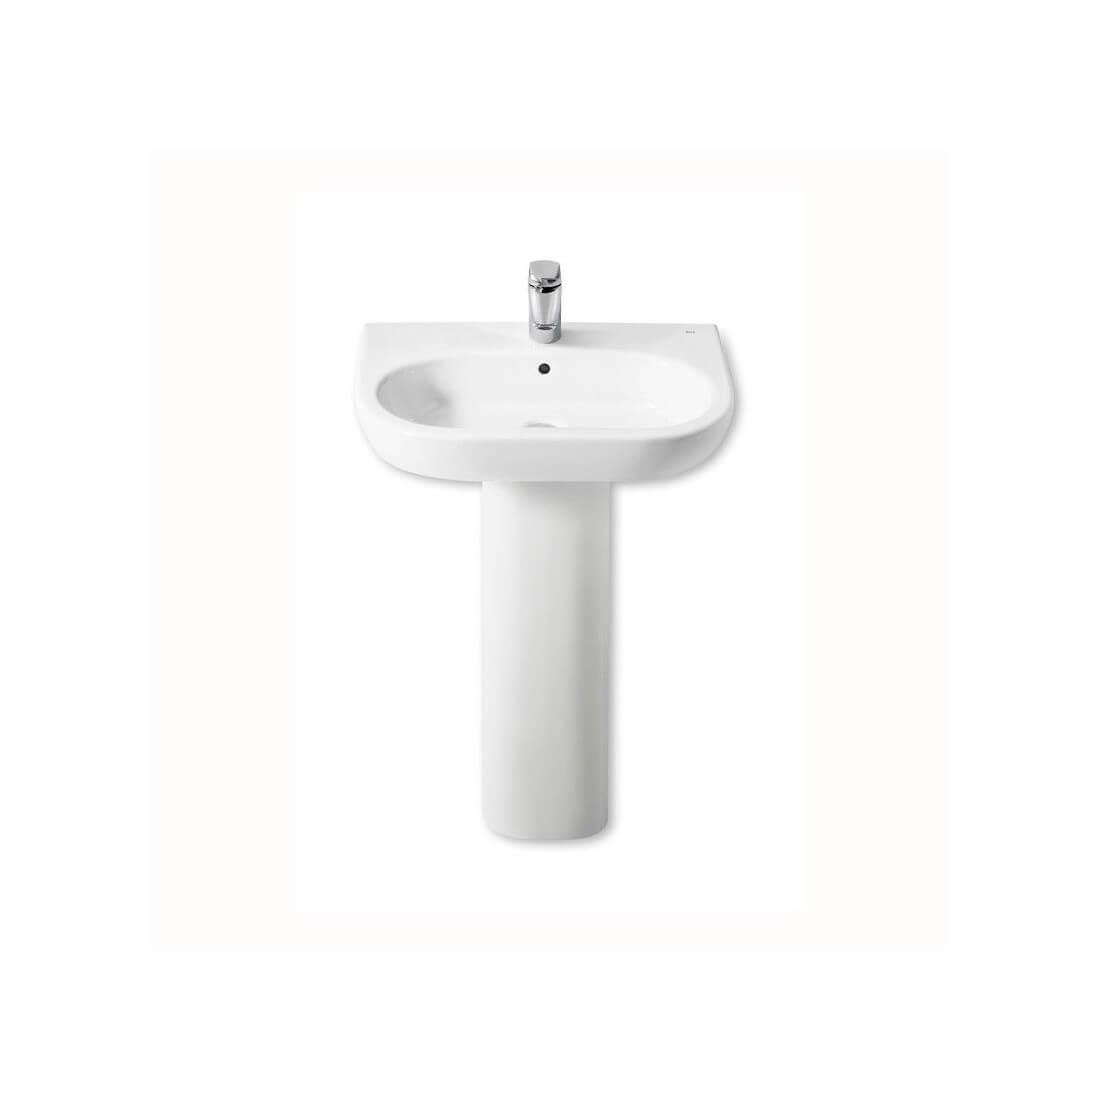 Comprar lavabo roca meridian con pedestal al mejor precio for Precios de lavabos roca